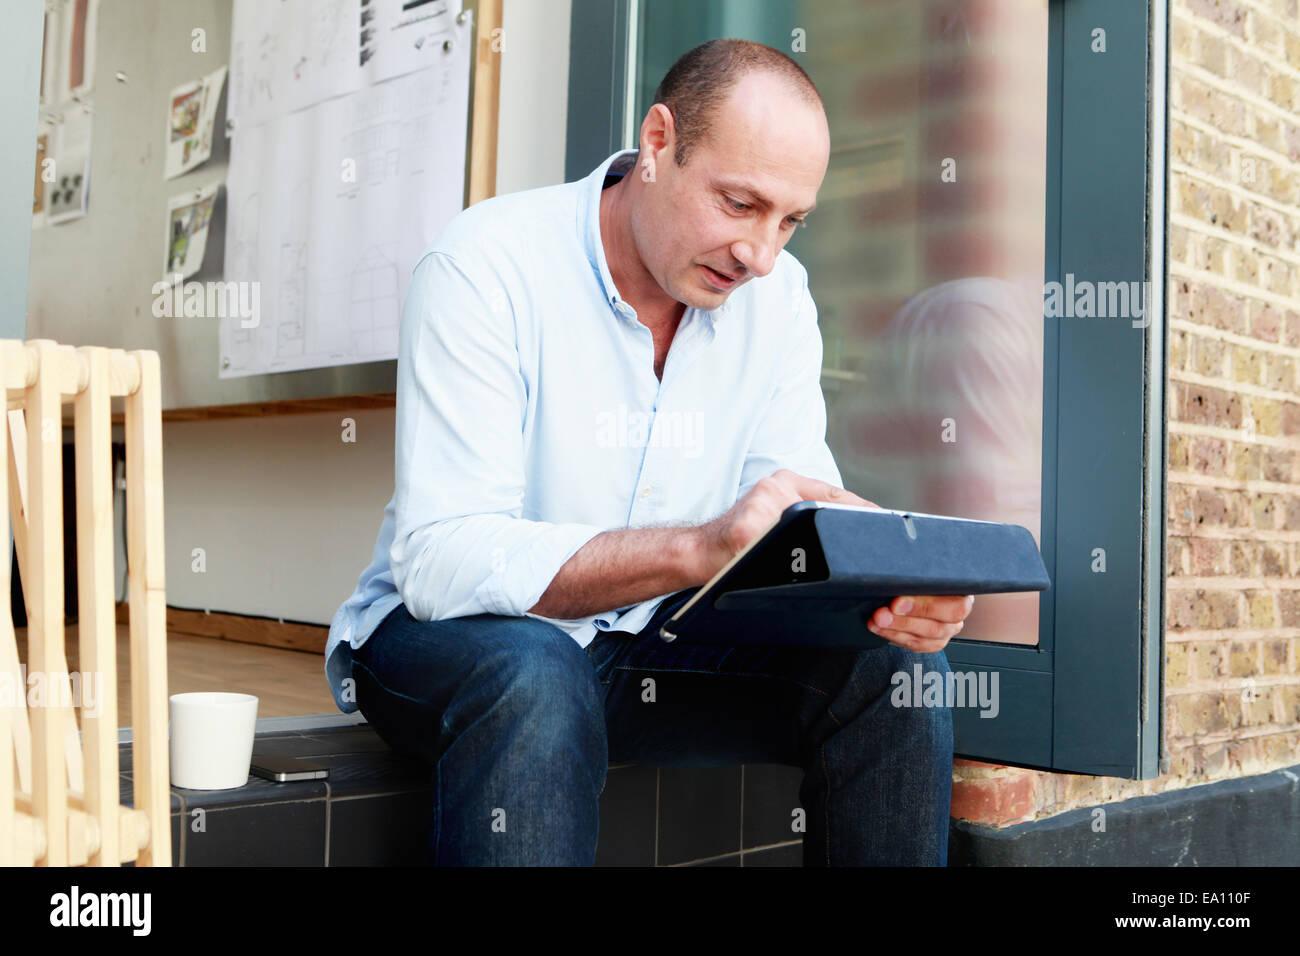 L'écran tactile à l'aide d'architecte masculins sur tablette numérique sur l'étape Photo Stock